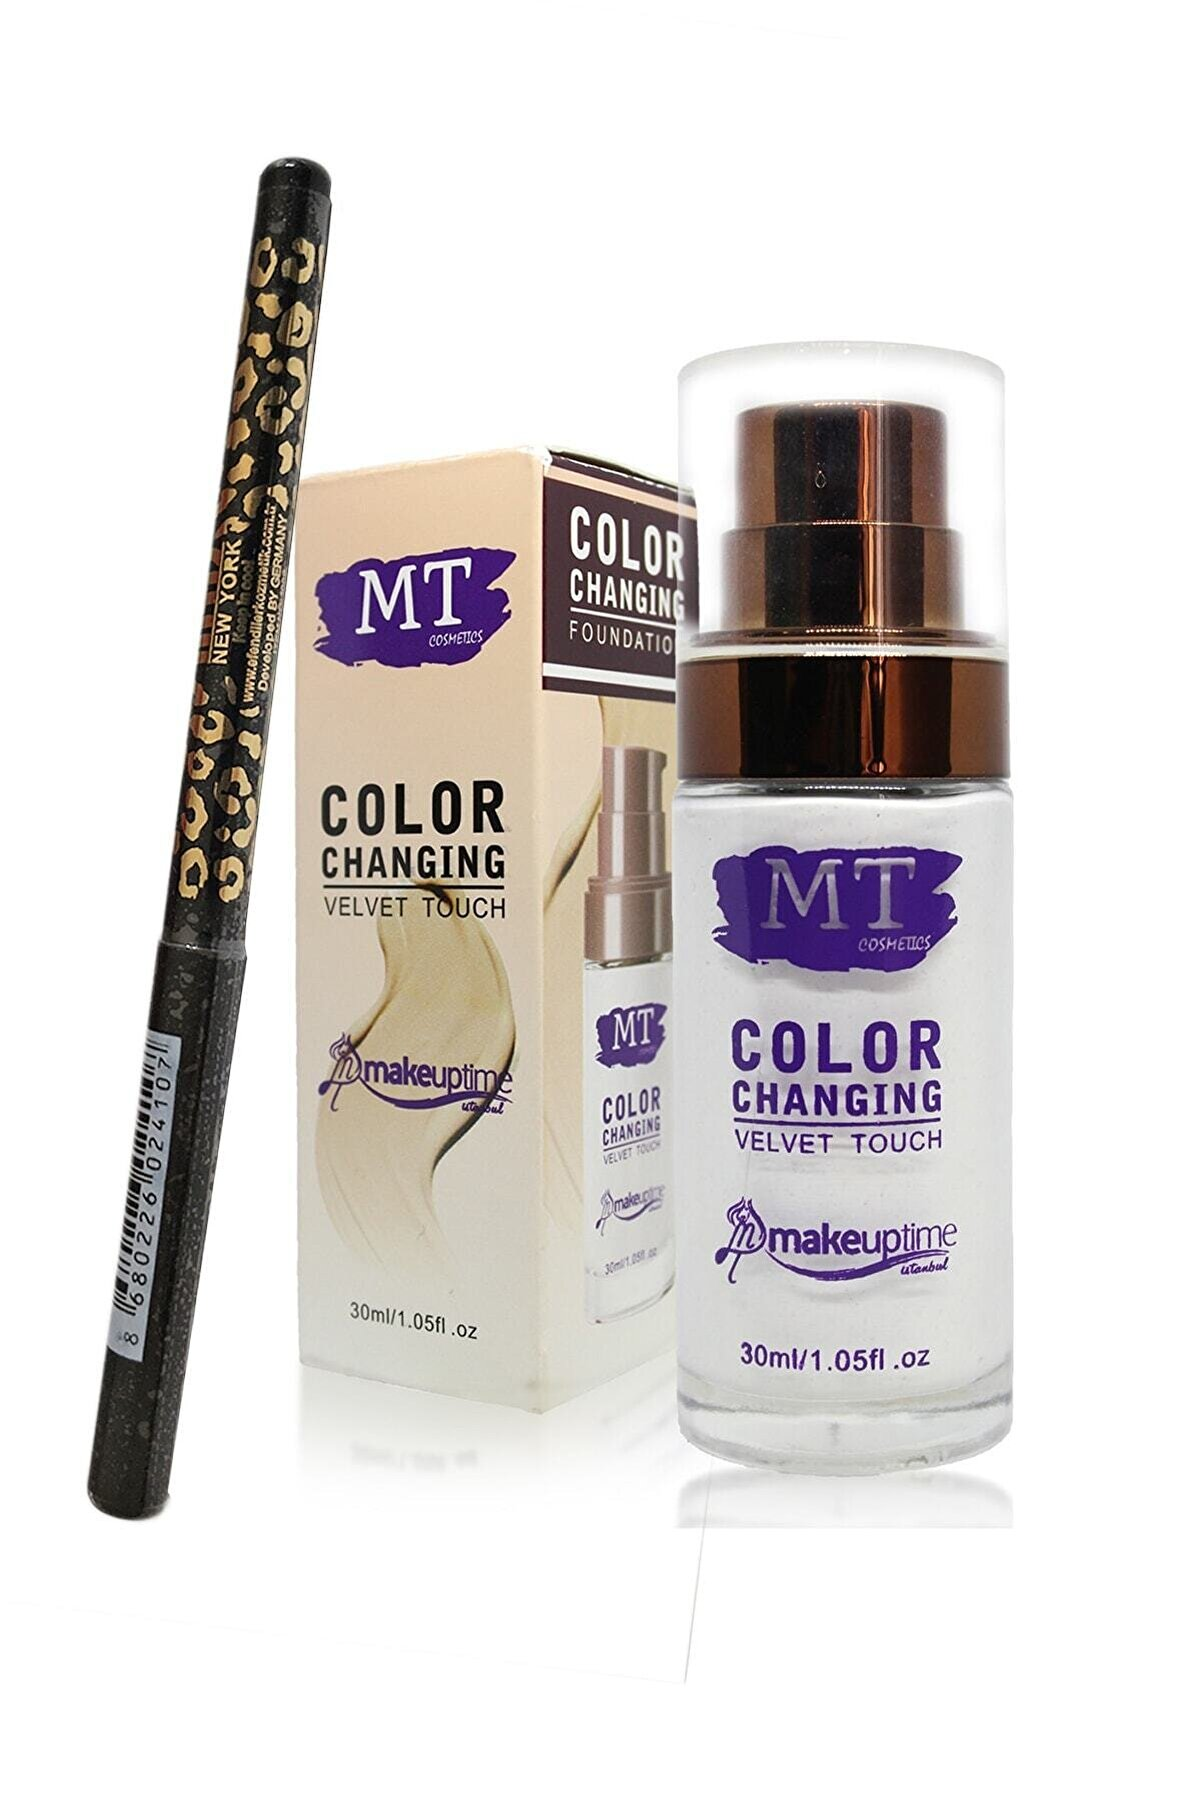 Makeuptime Mt Tene Göre Renk Değiştiren Sihirli Fondöten